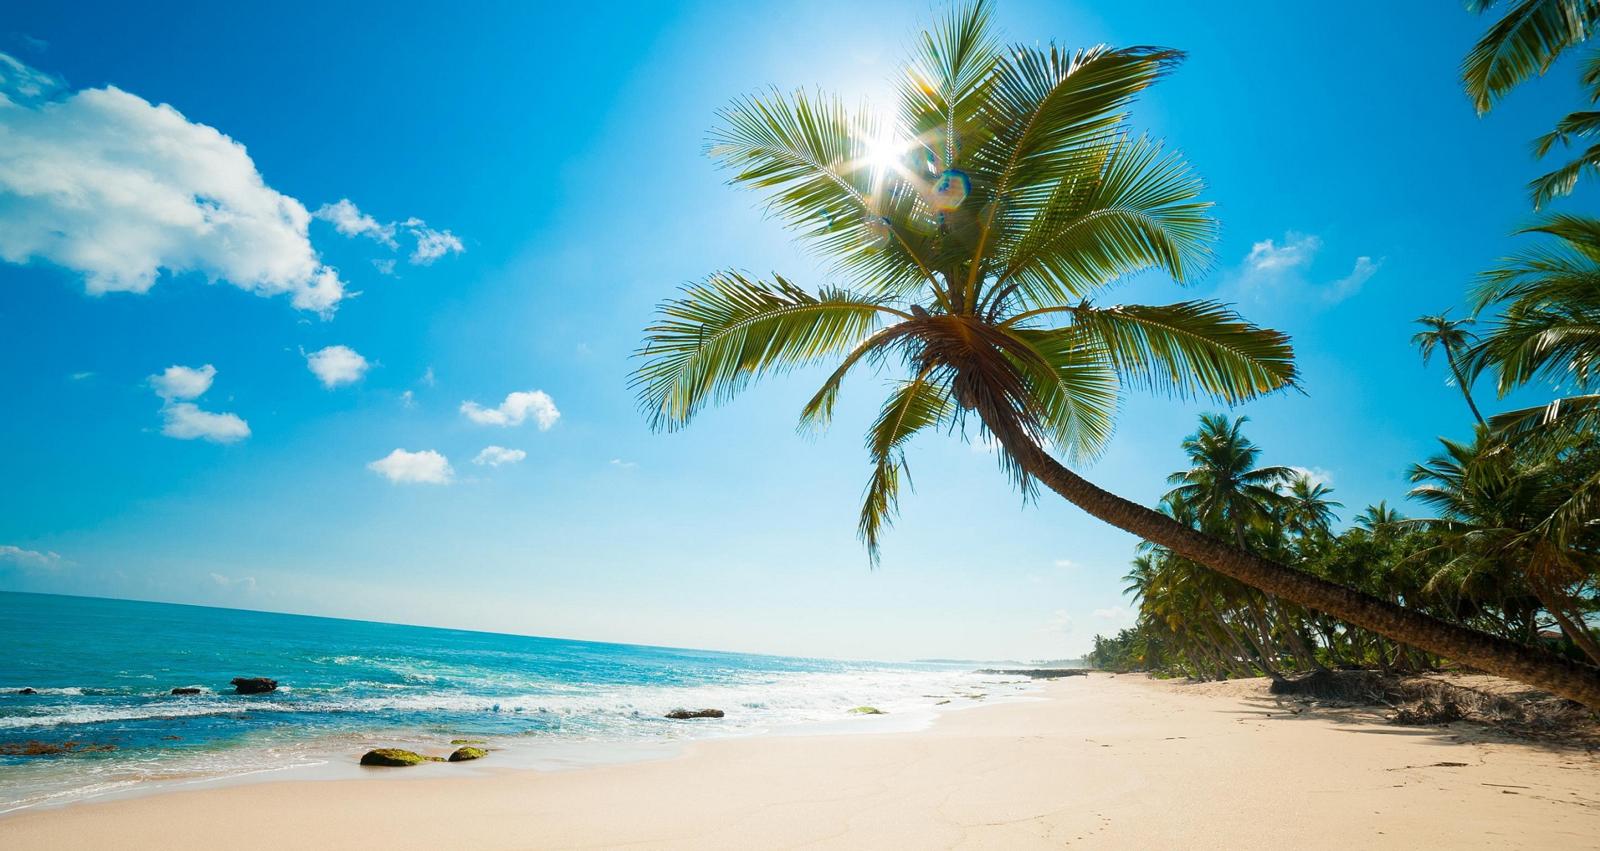 10 bãi biển đẹp nhất Việt Nam cho bạn yêu du lịch biển 13